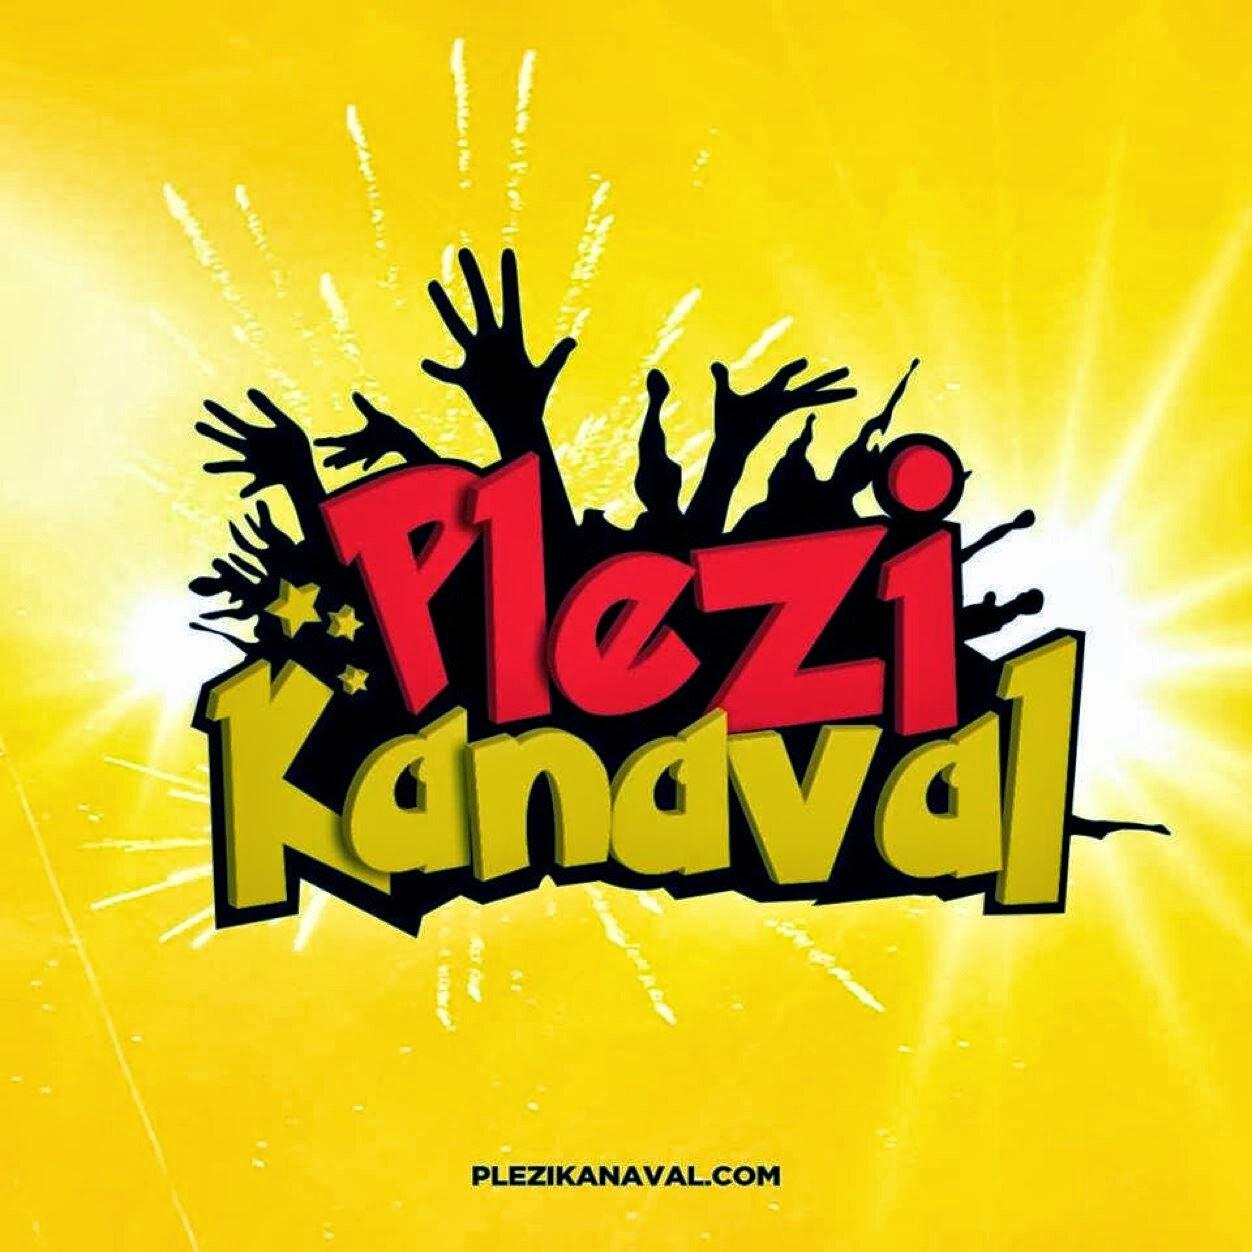 Plezi Kanaval